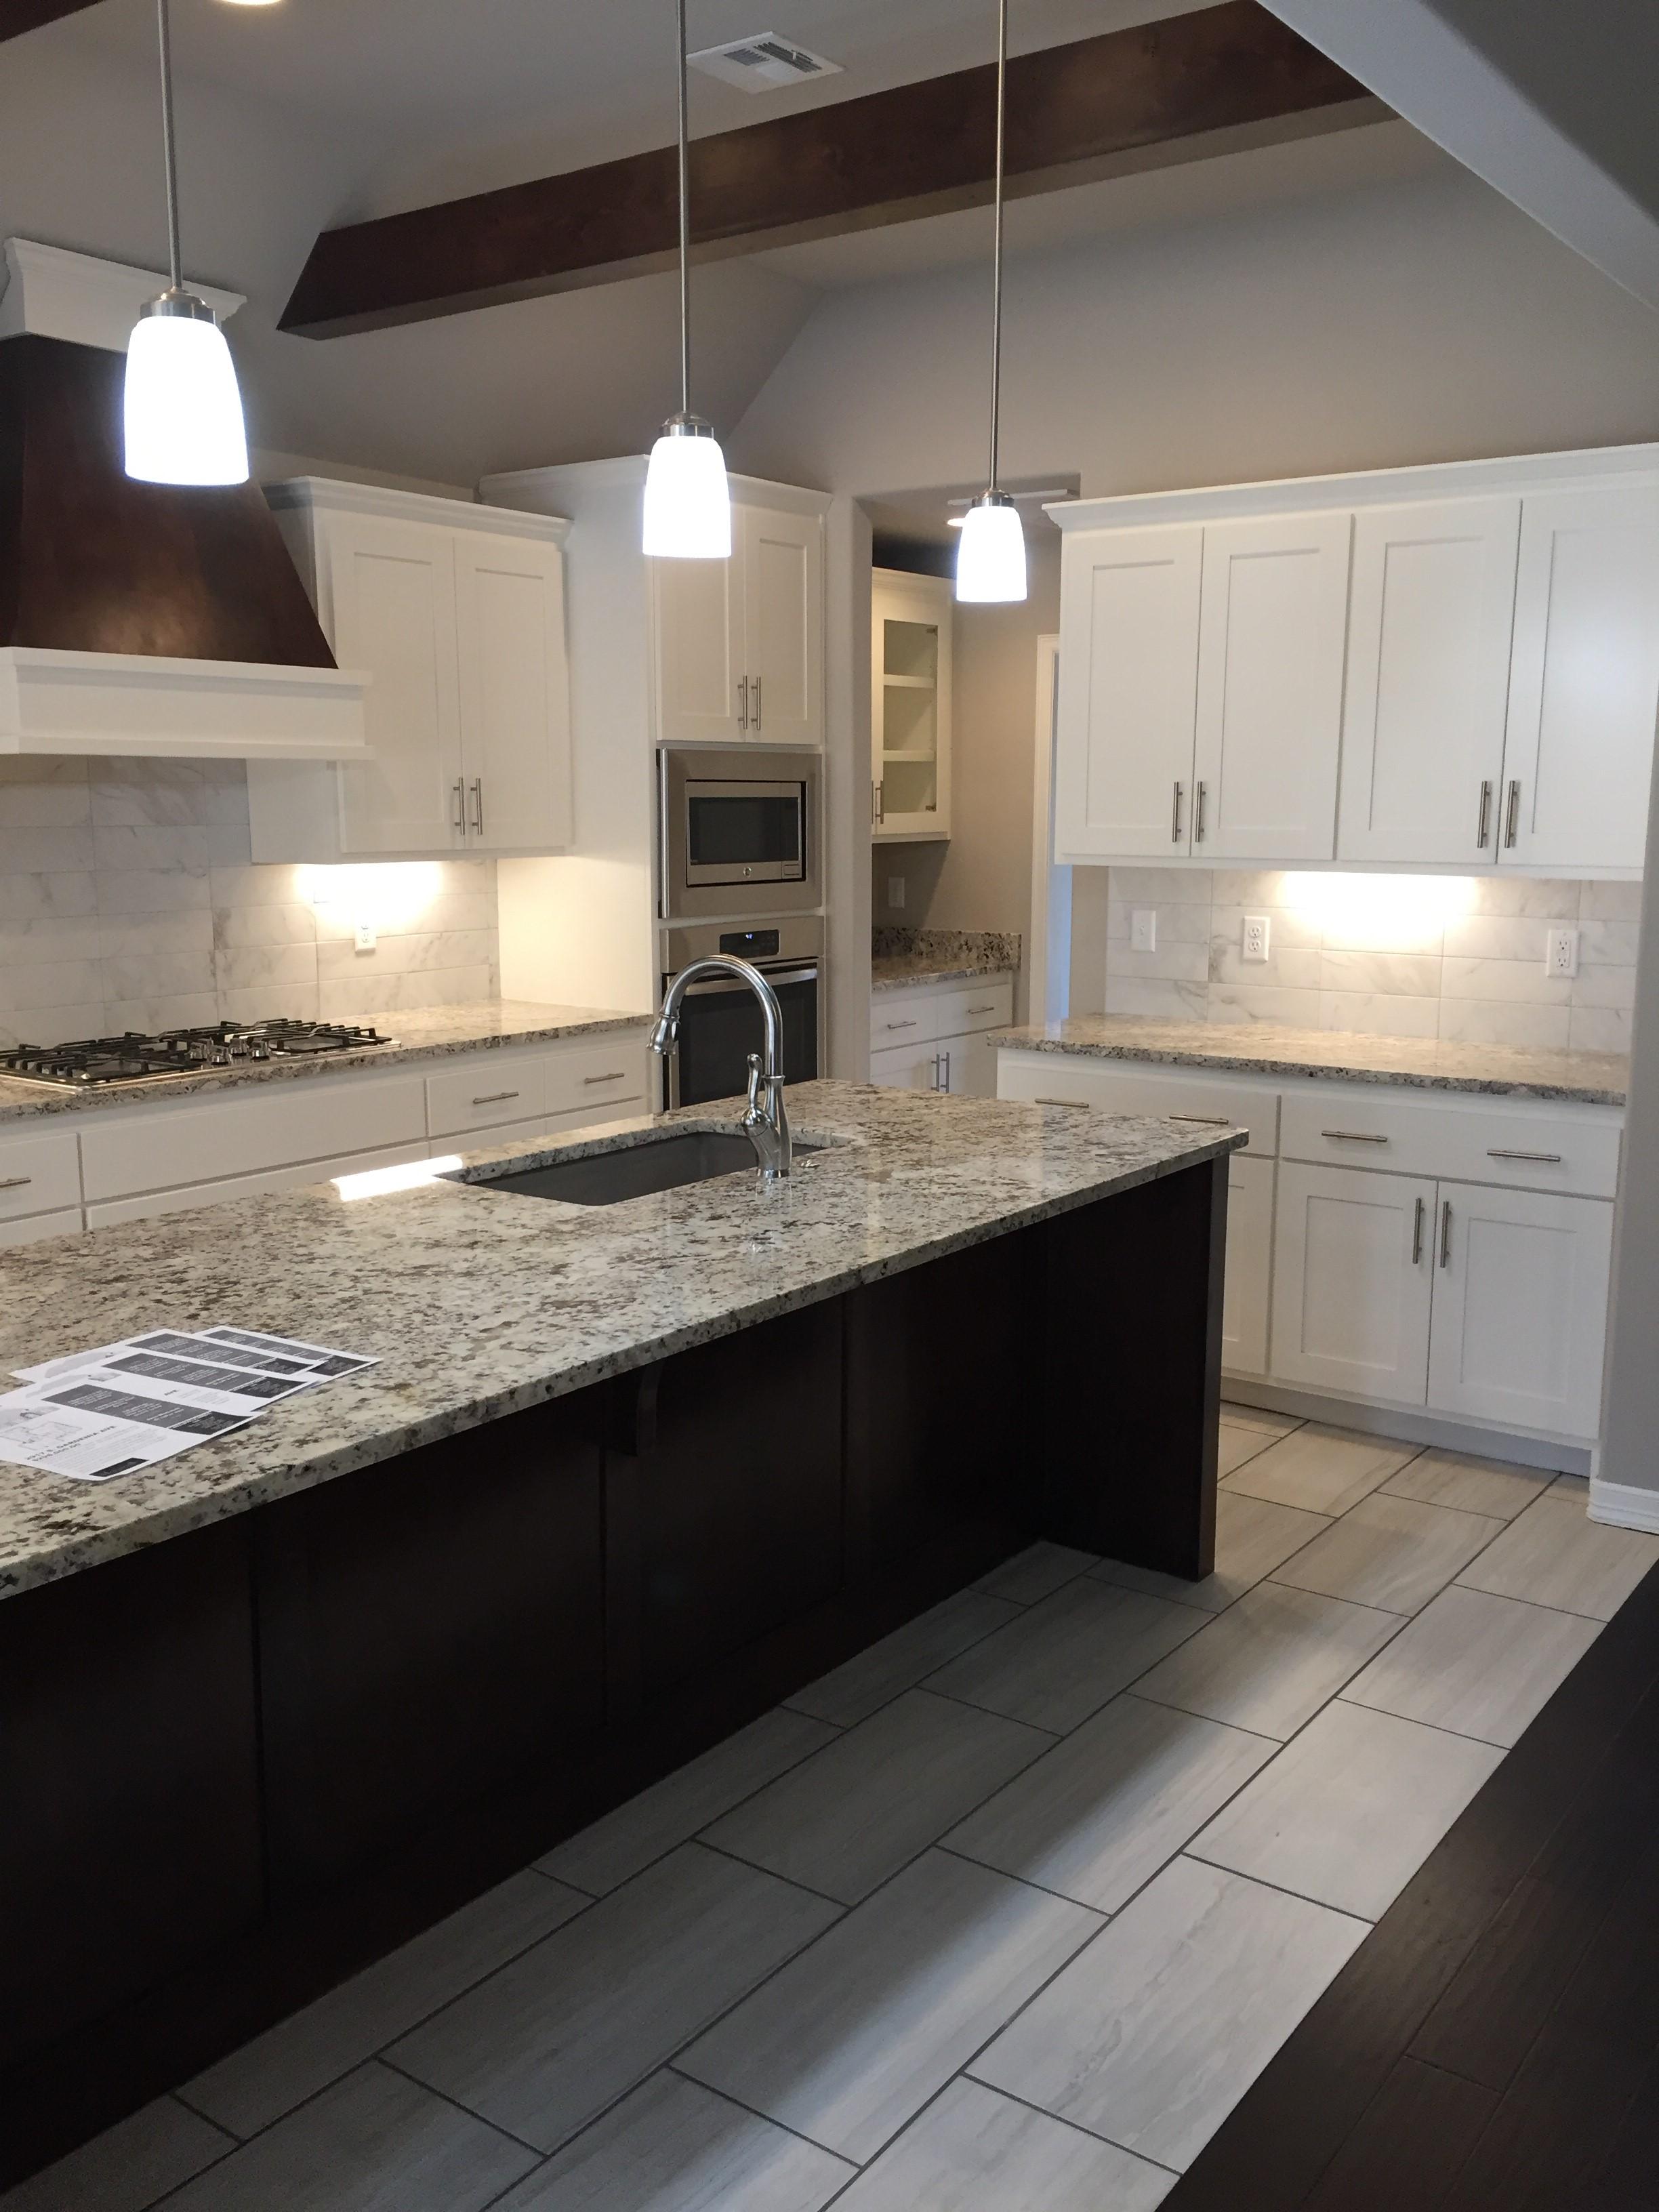 2917 kitchen 2.jpg